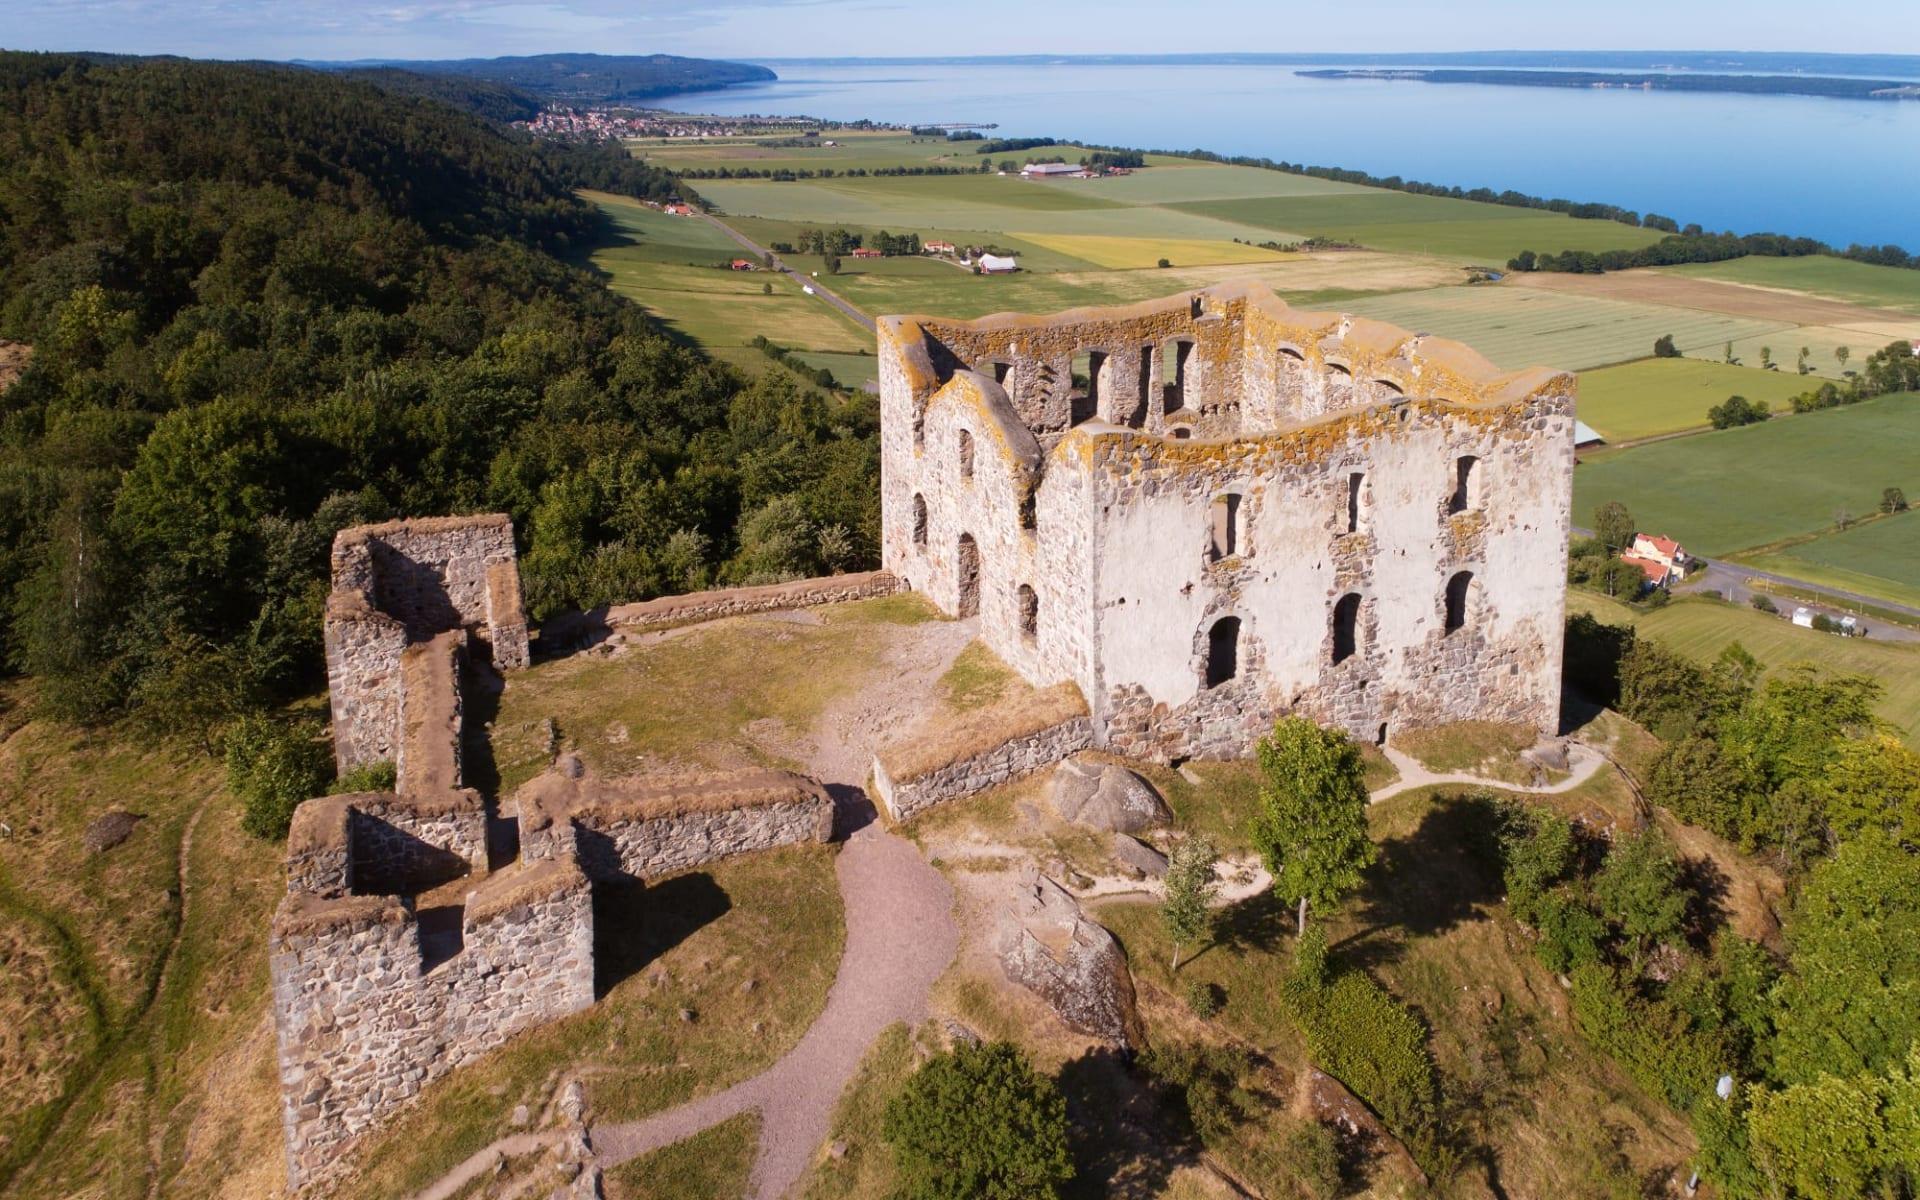 Bauergården in Gränna: Schweden Brahehus Castle Granna